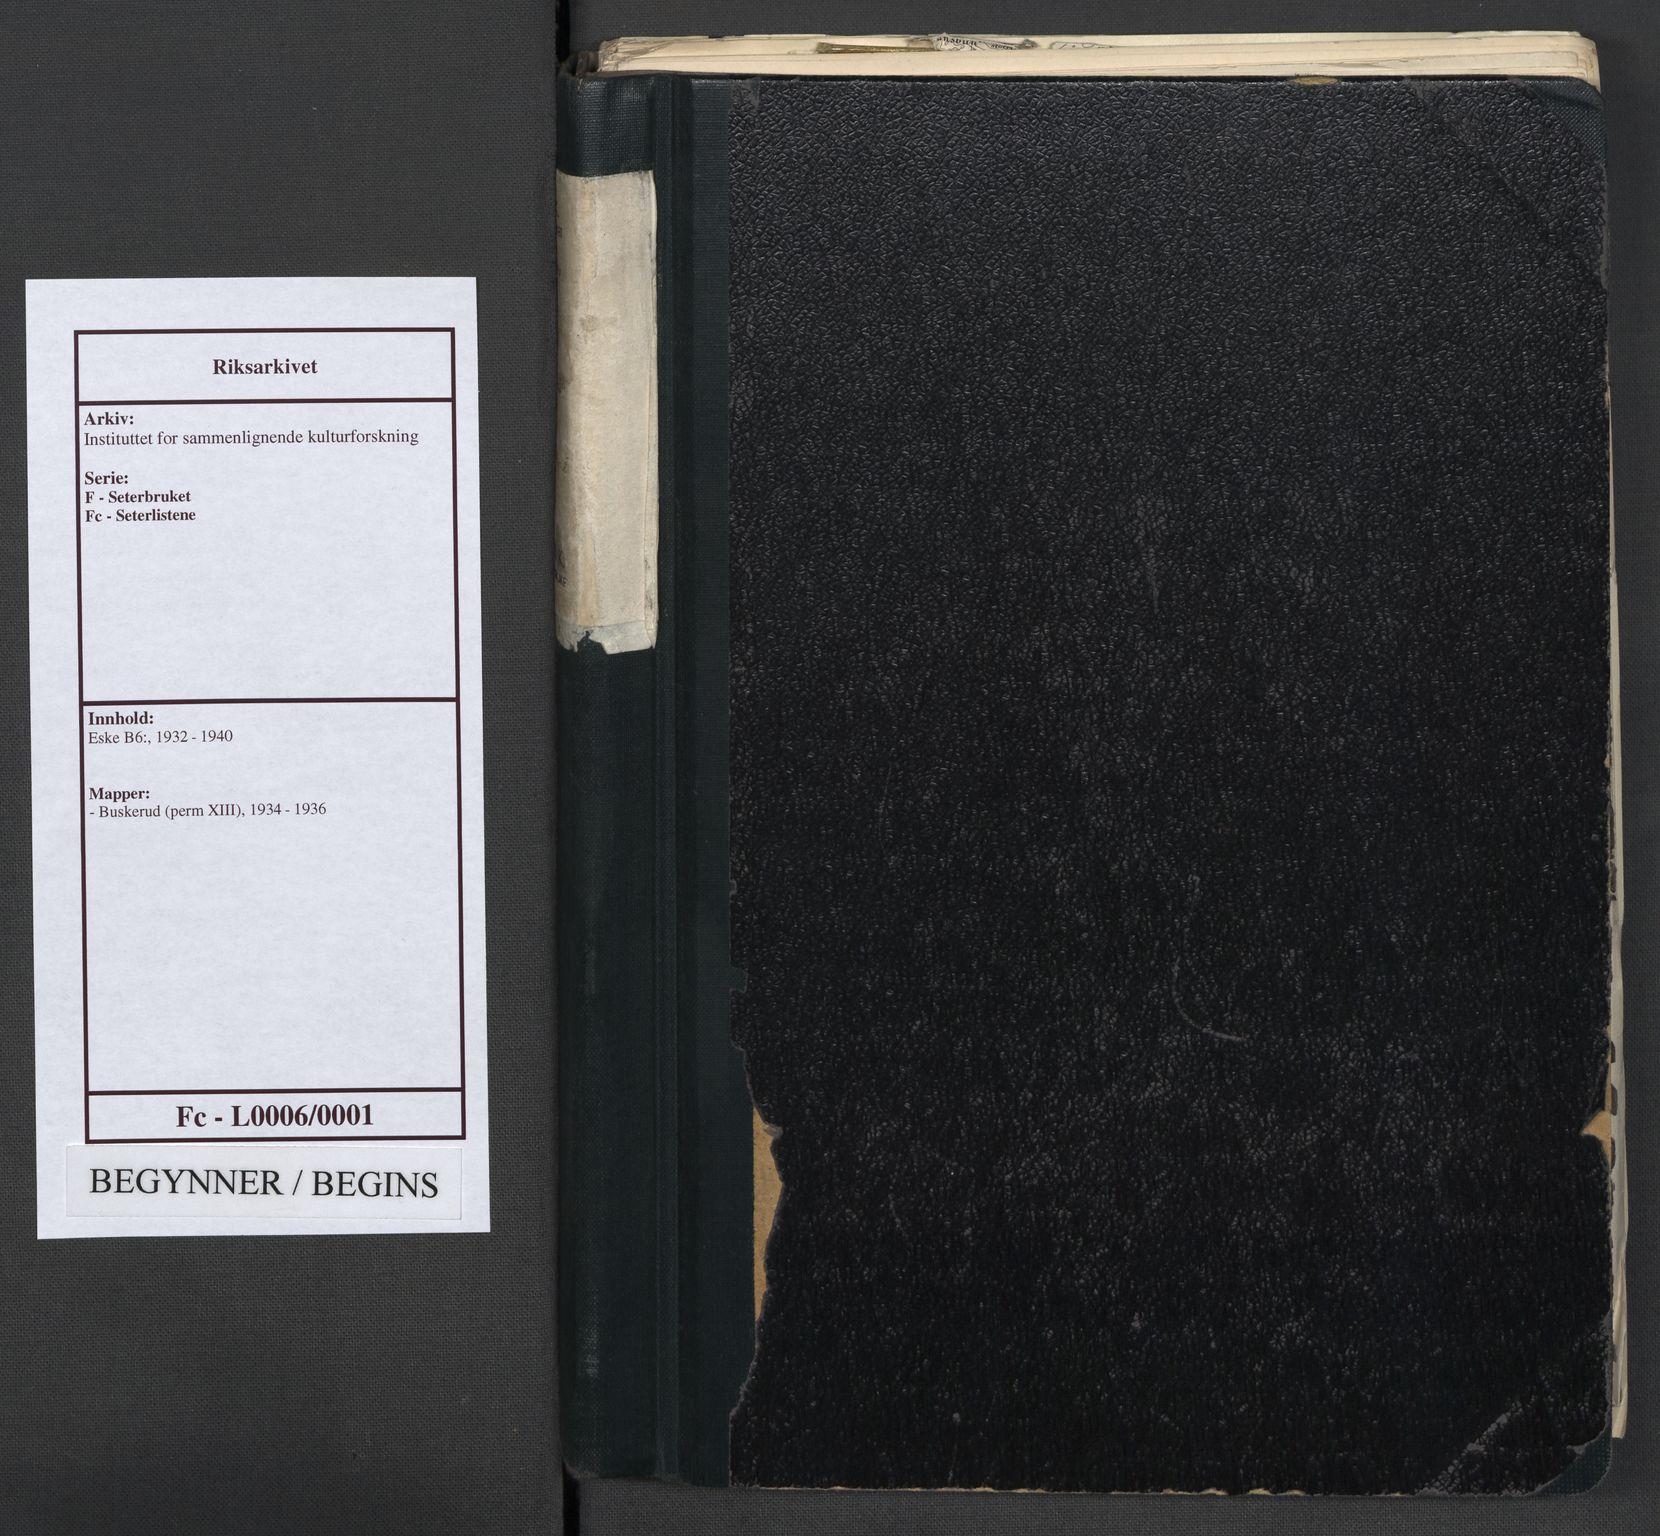 RA, Instituttet for sammenlignende kulturforskning, F/Fc/L0006: Eske B6:, 1934-1936, s. upaginert